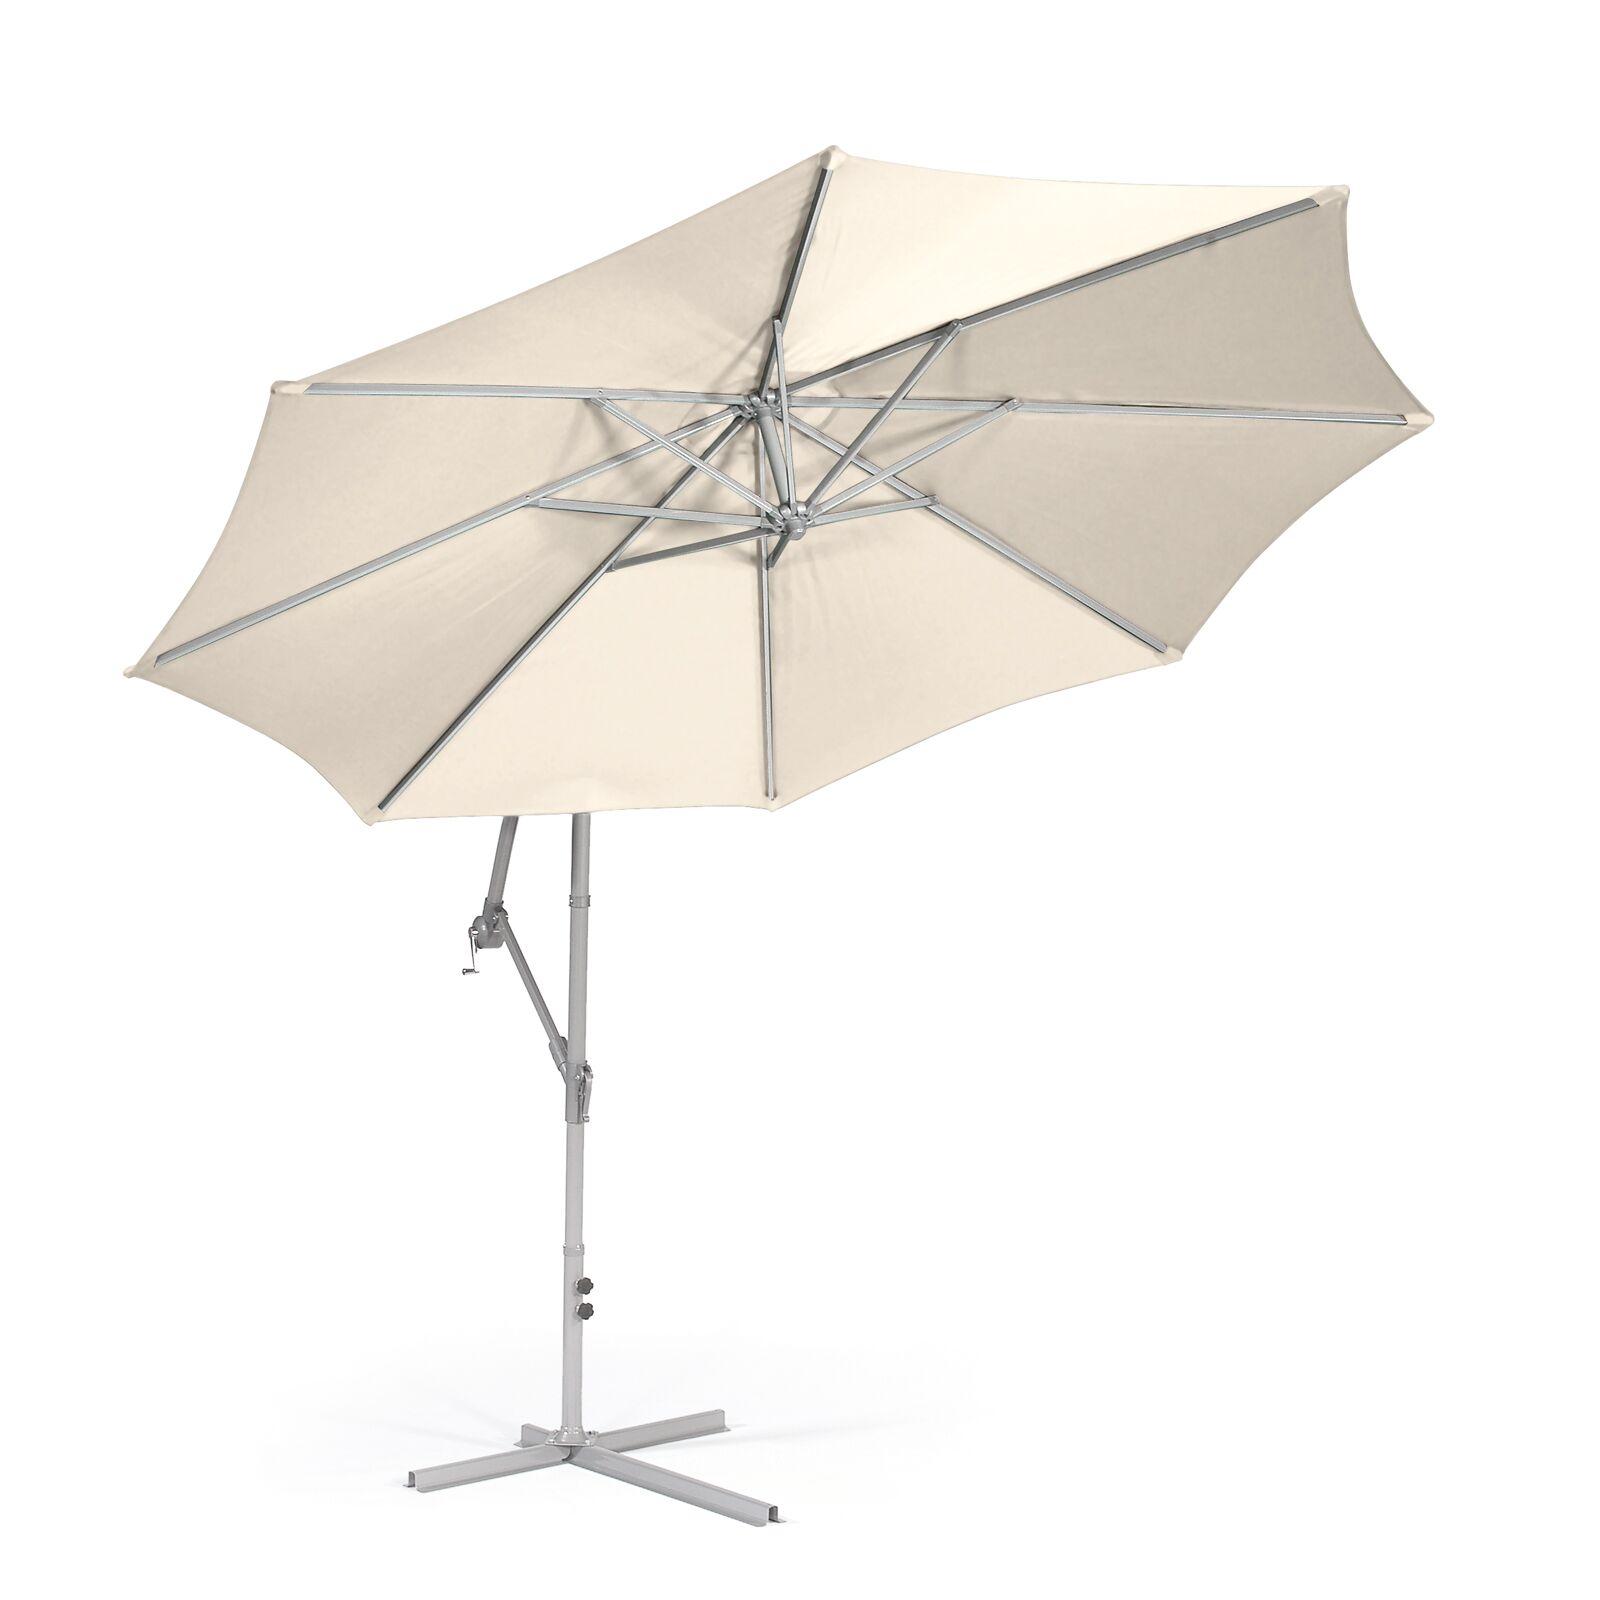 Kawamura Hanging Crank 9.8' Market Umbrella Fabric Color: Beige